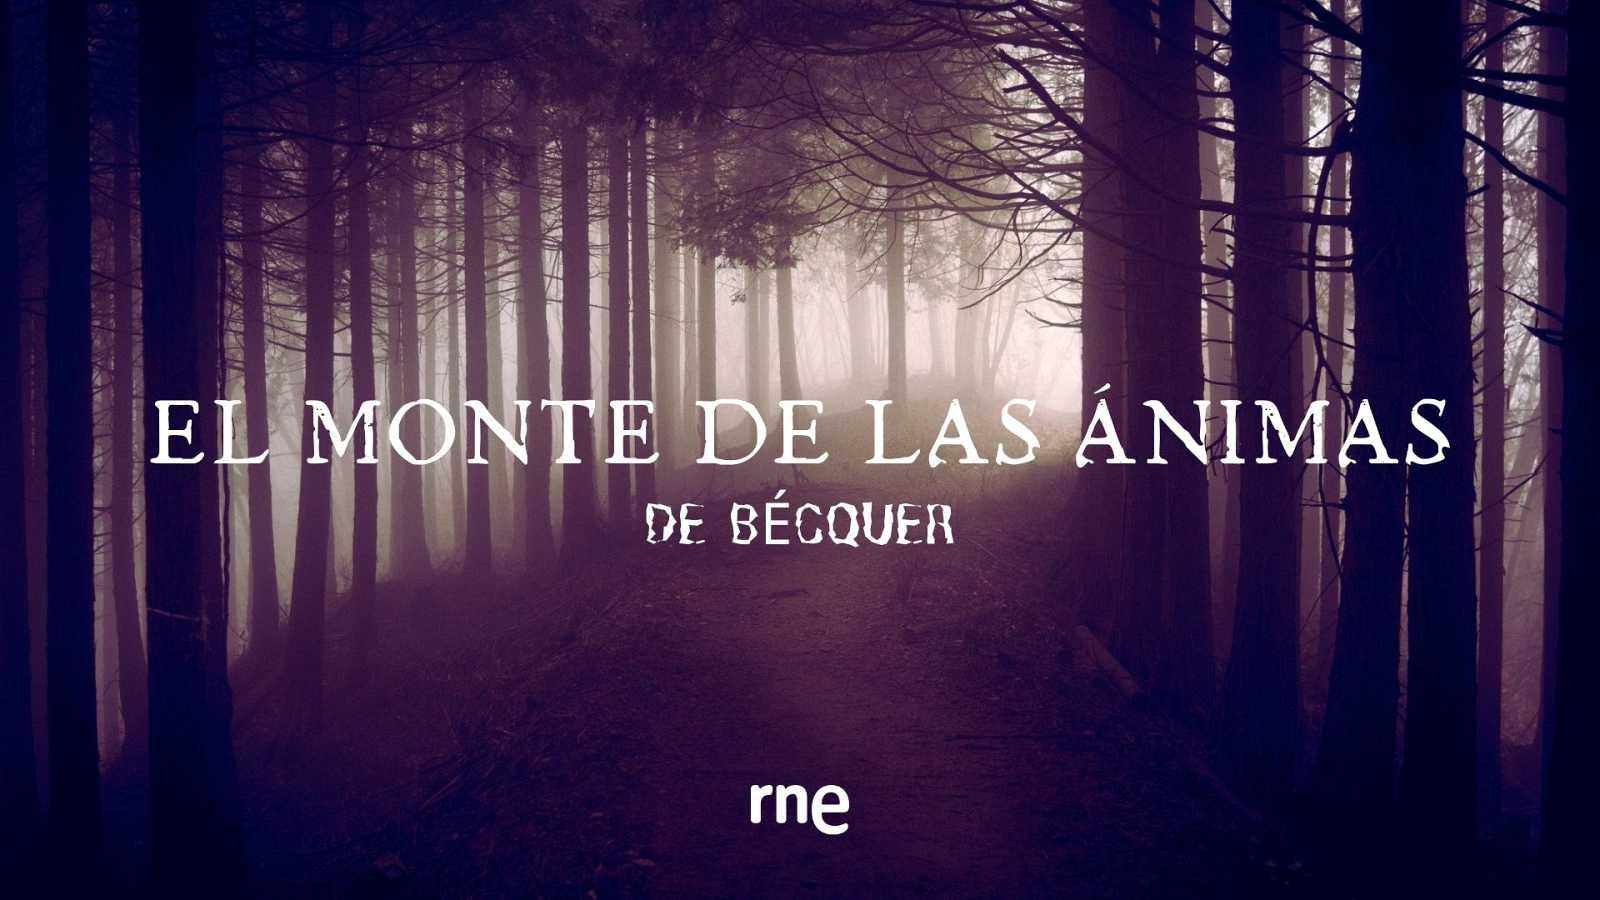 Ficción sonora - 'El Monte de las Ánimas' en Soria - 30/10/20 - Escuchar ahora